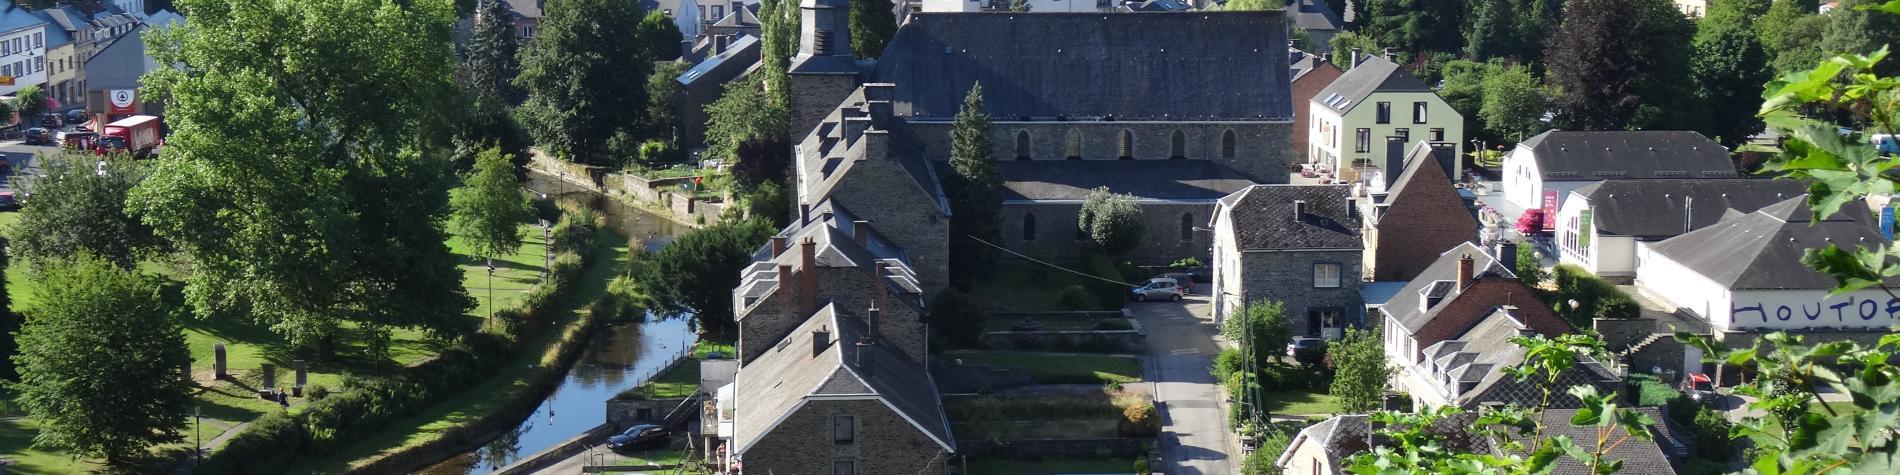 Coeur des Ardennes - Fil de l'Ourthe - Maison du Tourisme - Houffalize